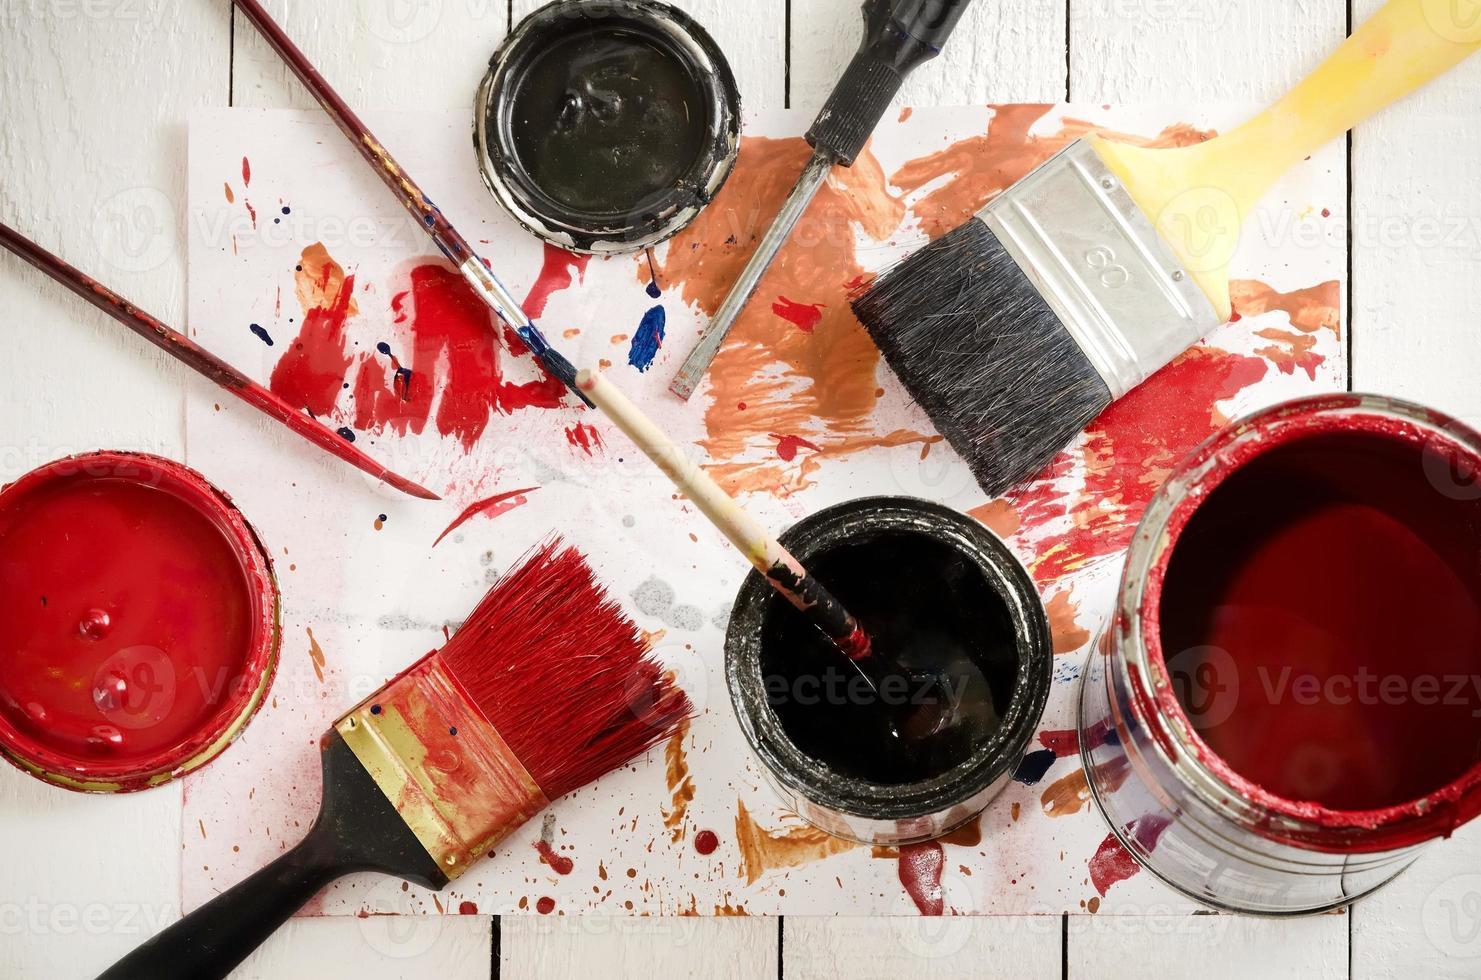 pinceaux et peintures. photo